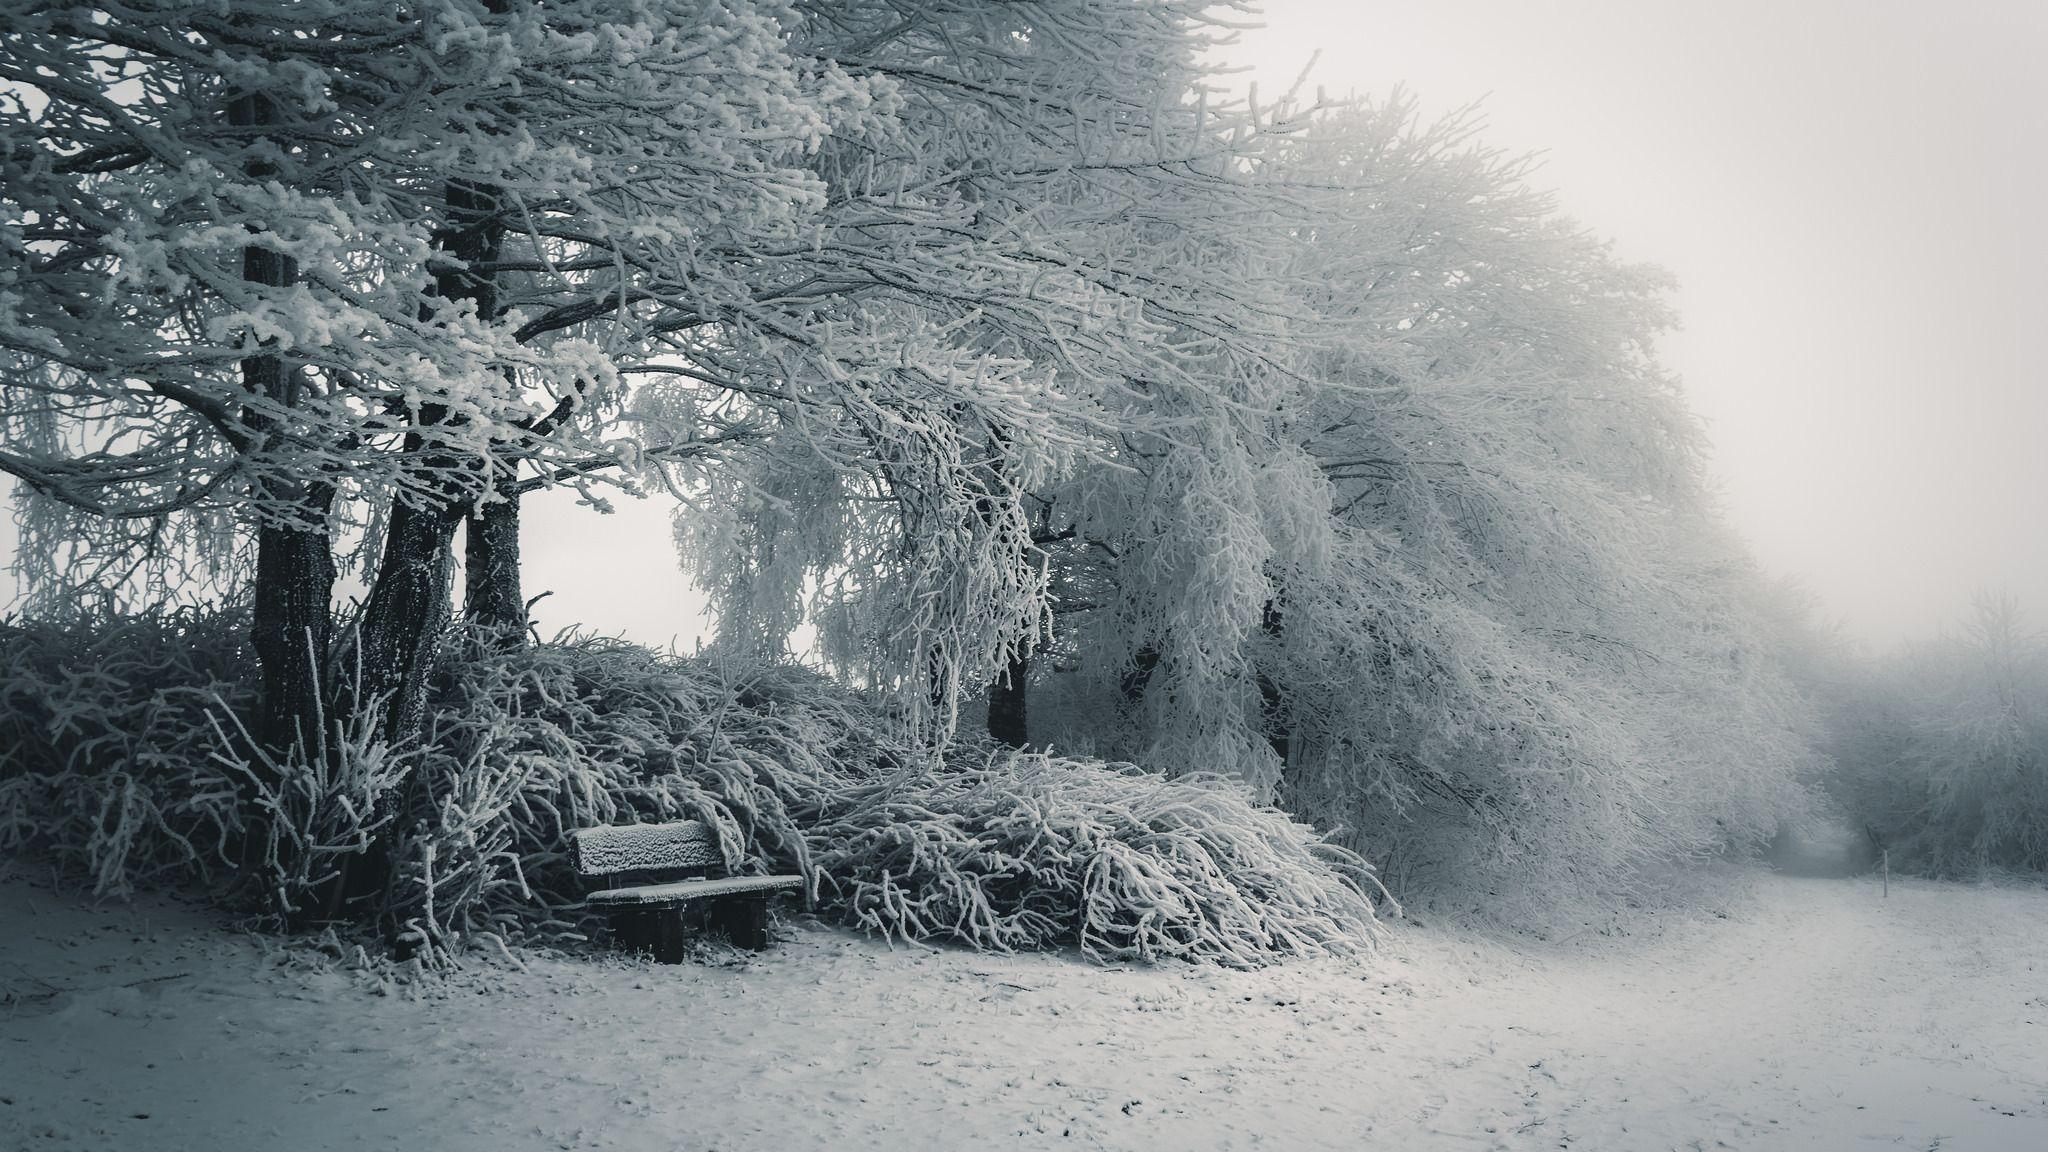 Delicate winter